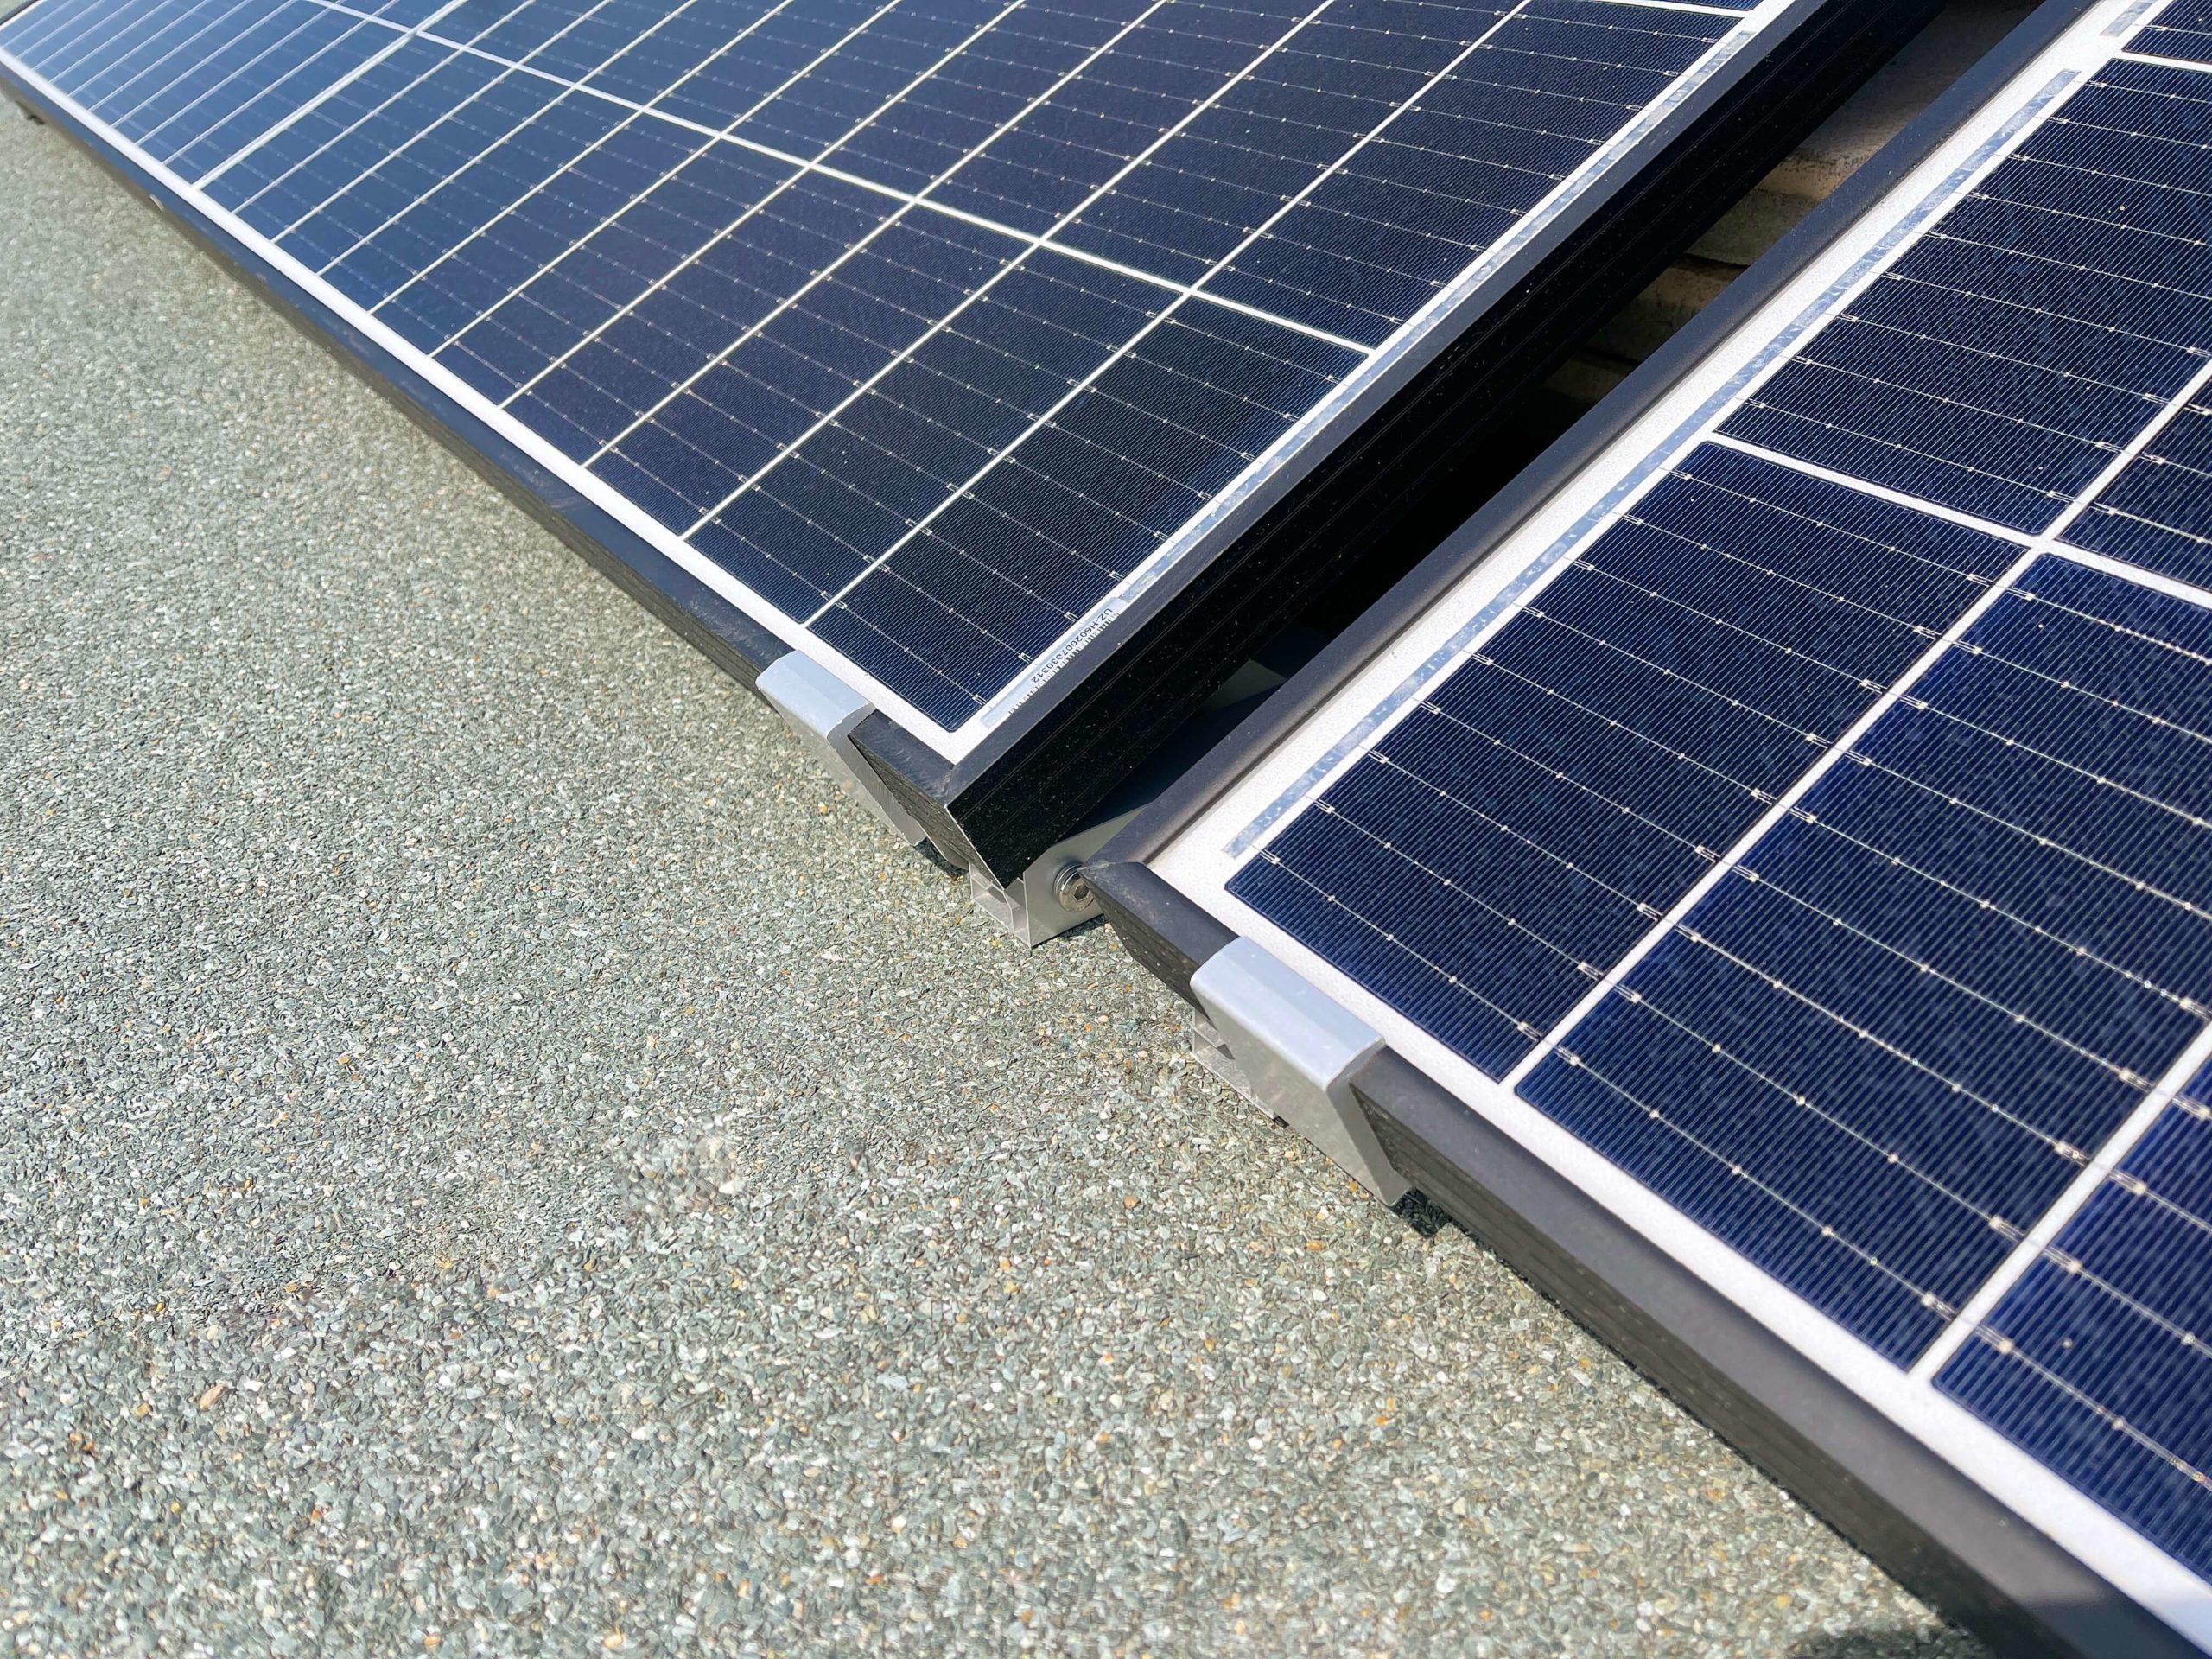 Solarstrom-fuer-das-SmartHome-selbst-produzieren-und-Geld-sparen12-scaled Solarstrom für das SmartHome - Grundverbauch selbst produzieren und Geld sparen